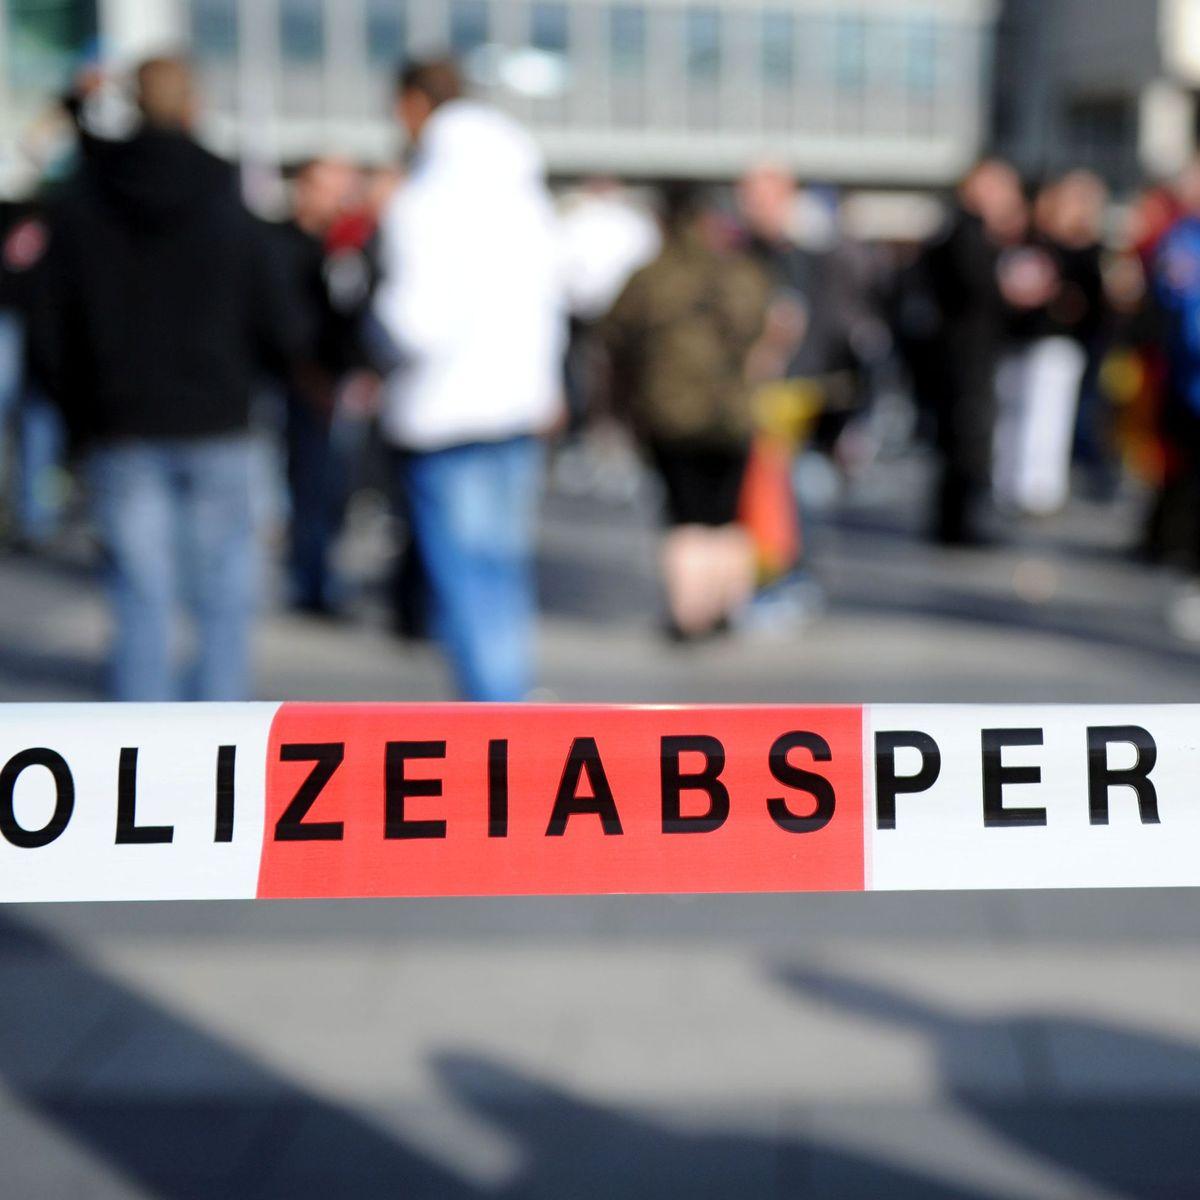 Tödlicher Unfall im Kölner Karneval: Frau stürzt ins Gleis und wird von Zug überrollt